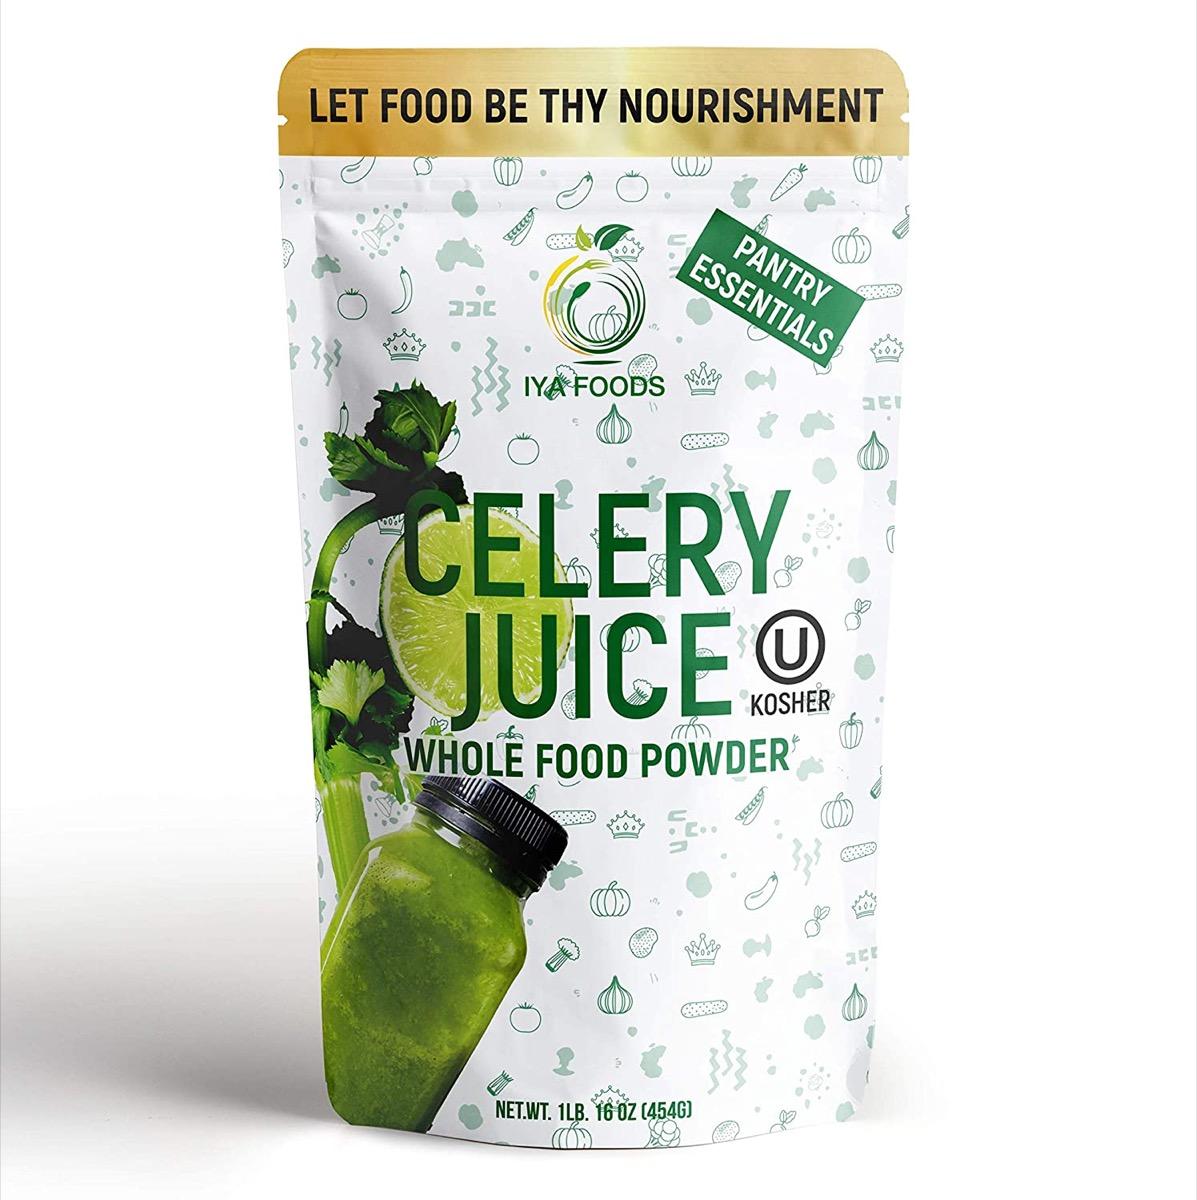 bag of aya celery juice powder on white background